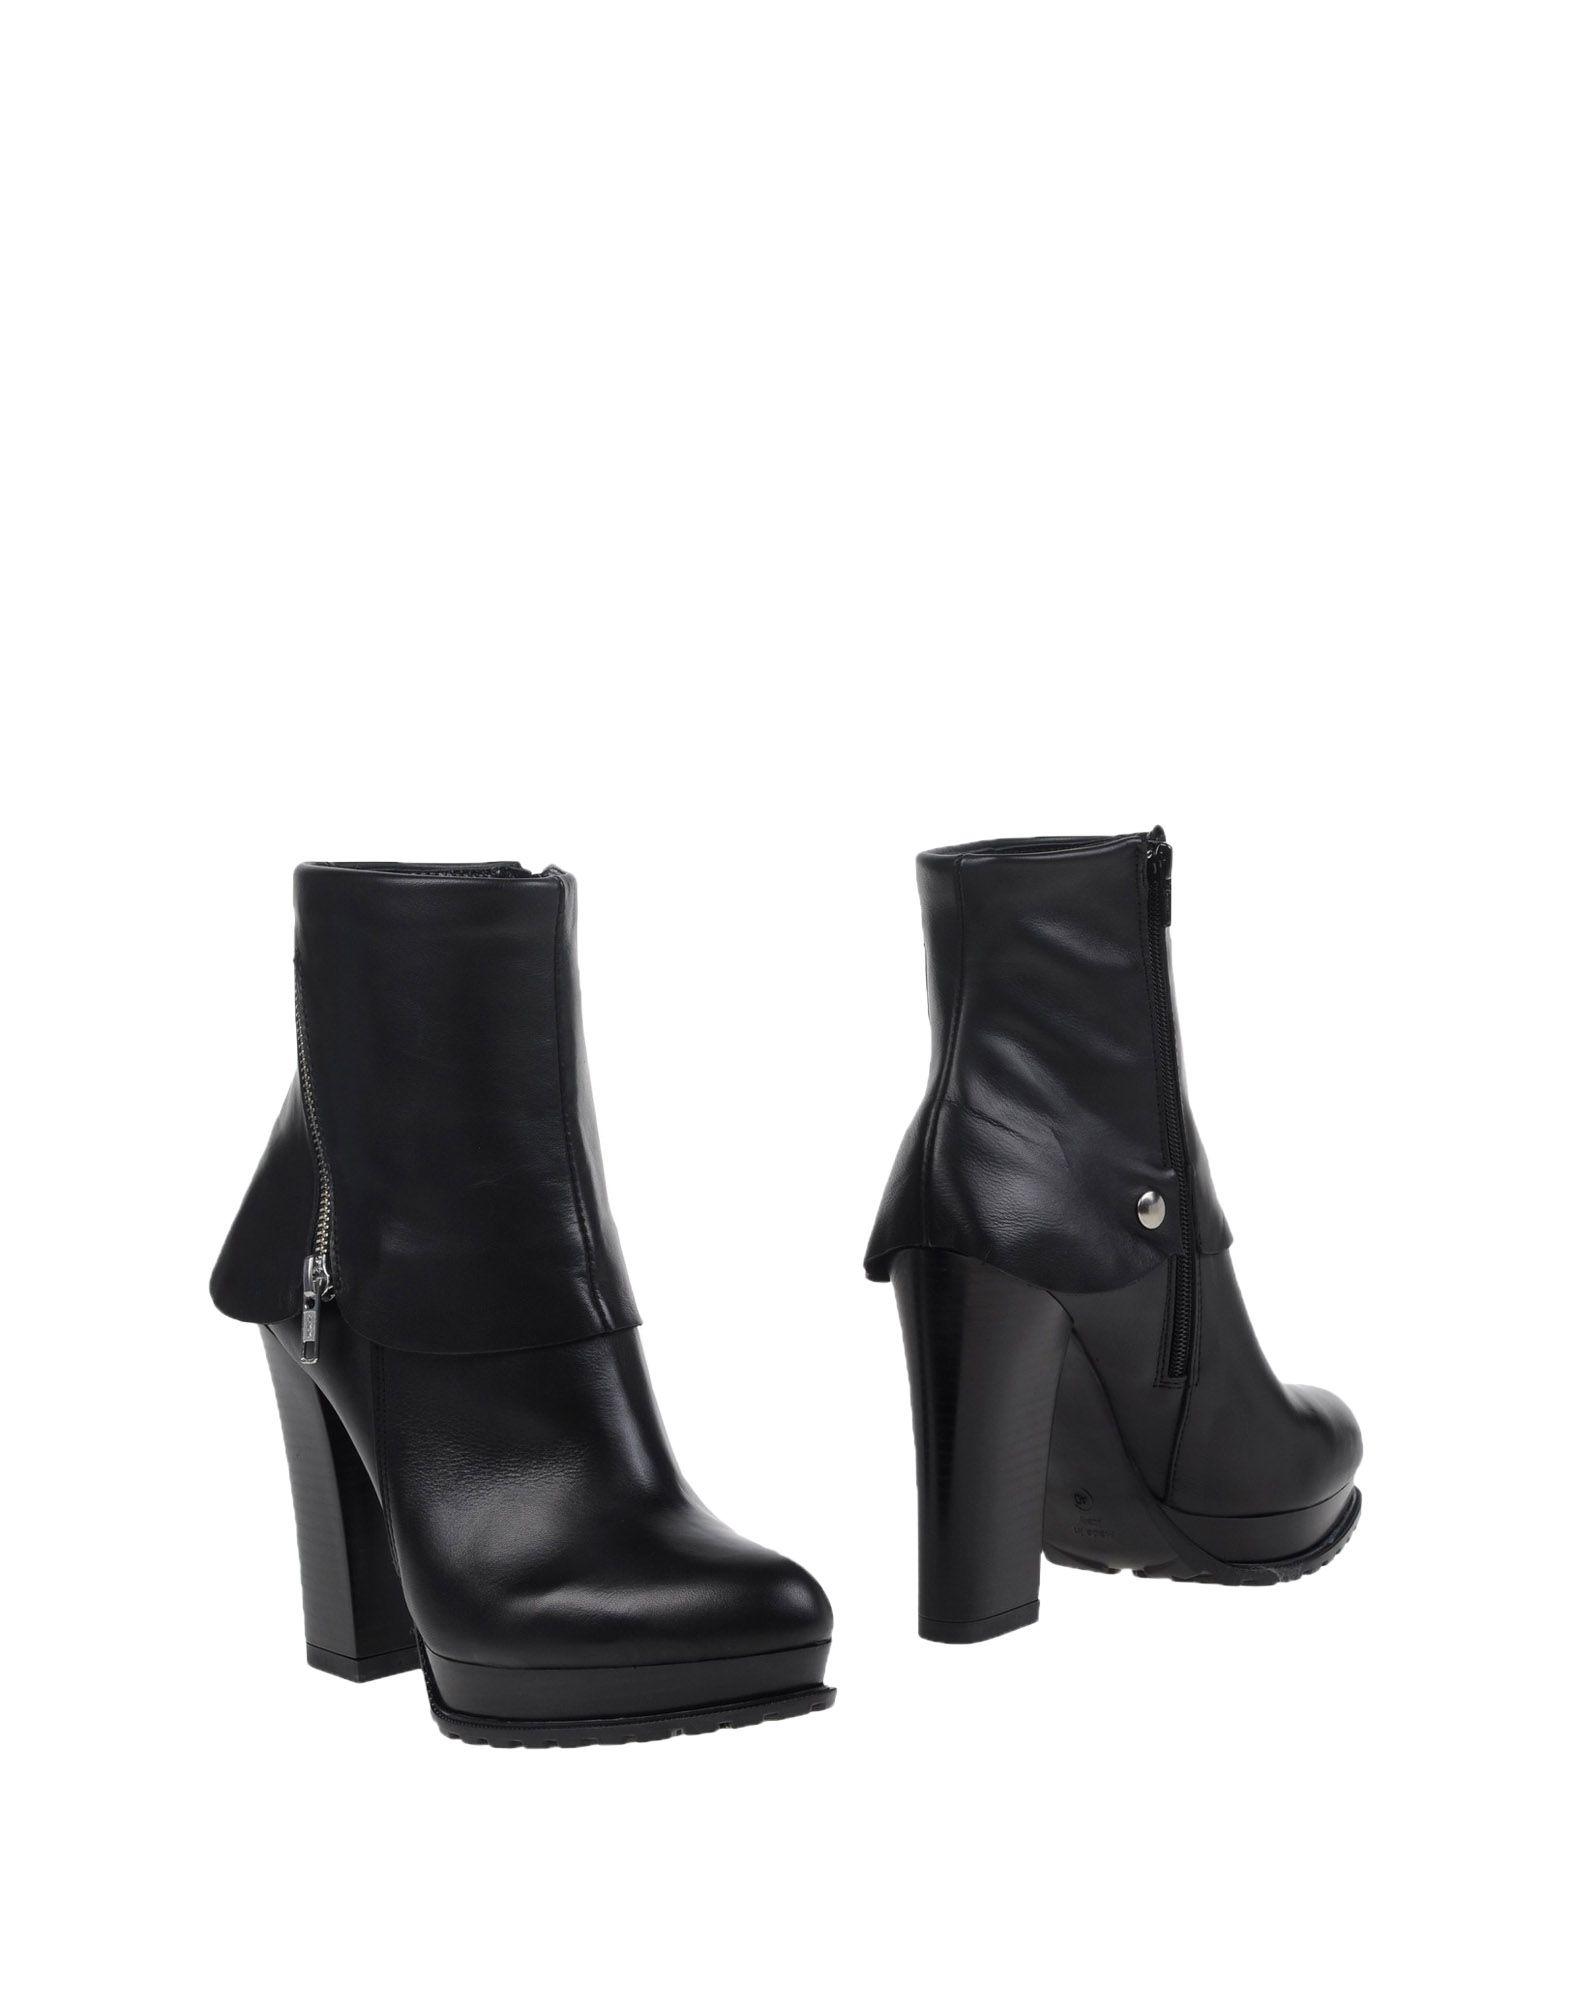 Pierre Darré Stiefelette Damen  11114589FU Gute Qualität beliebte Schuhe